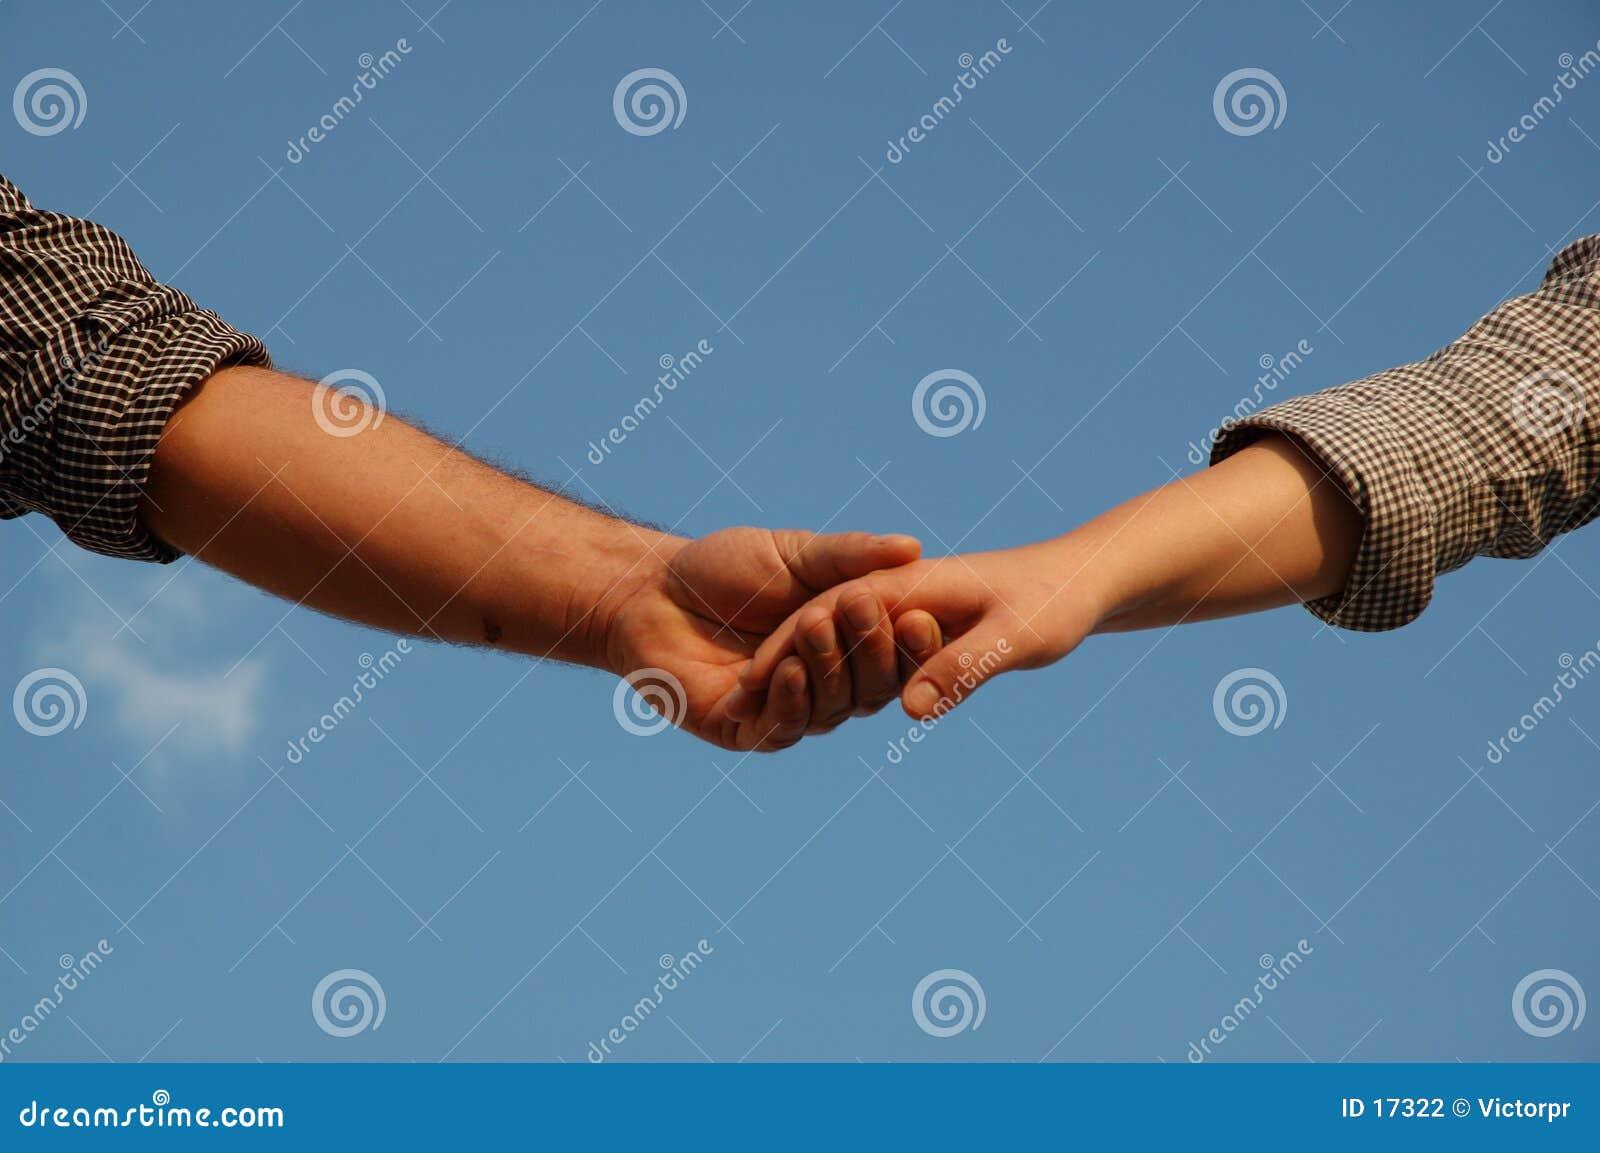 Mains connectées